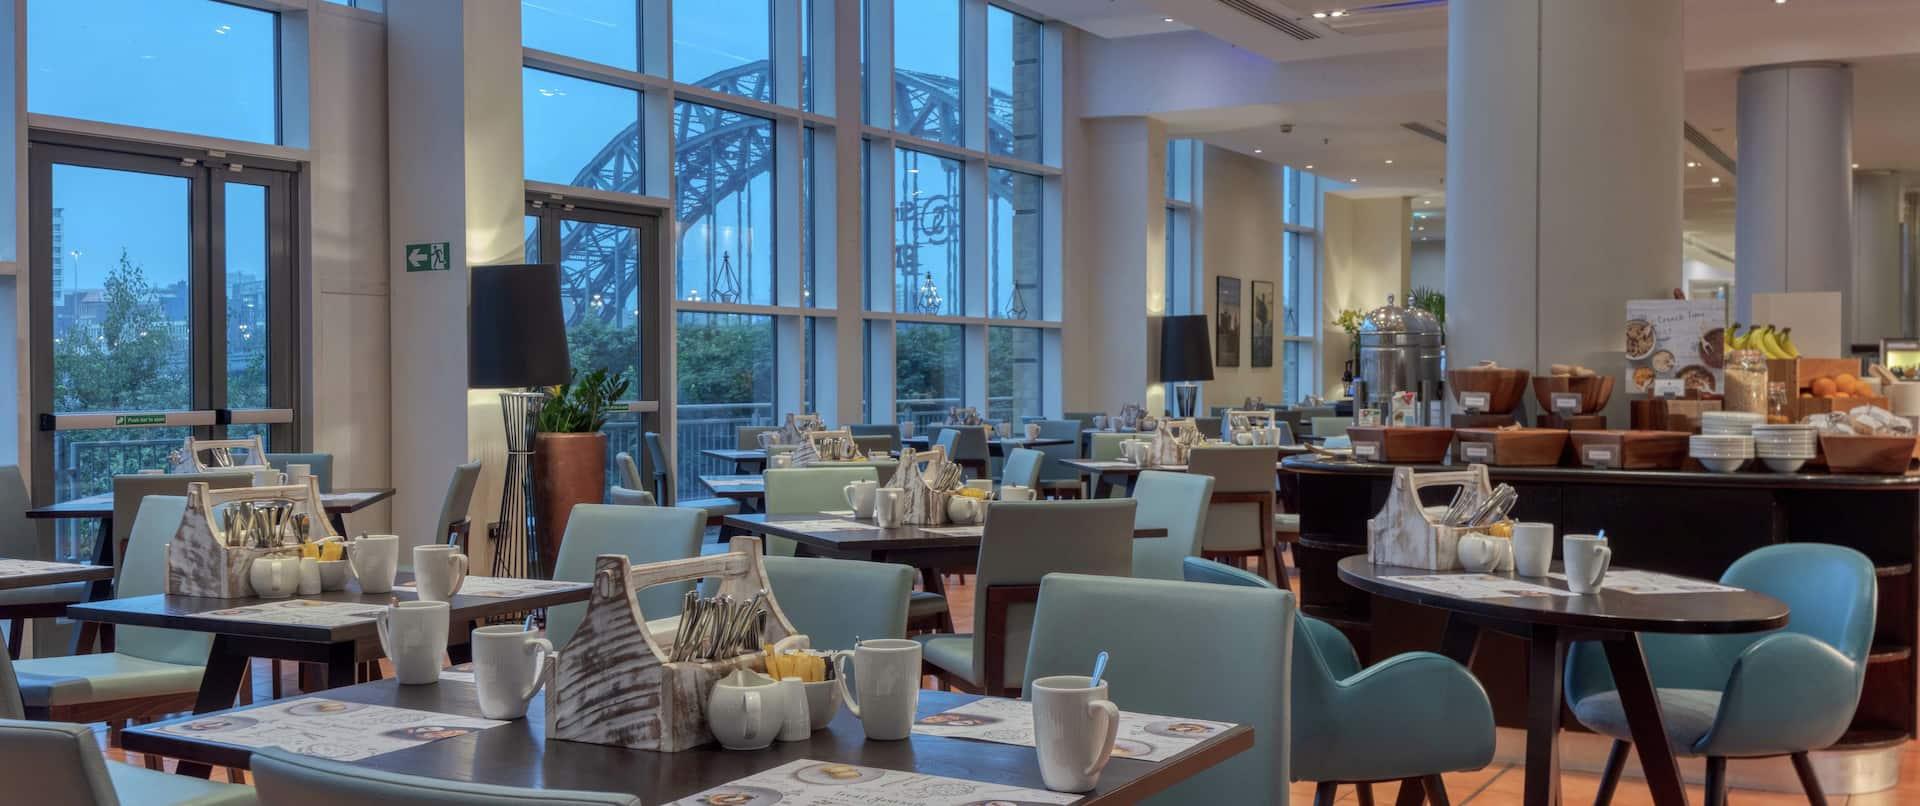 Windows on the Tyne Restaurant Breakfast Area